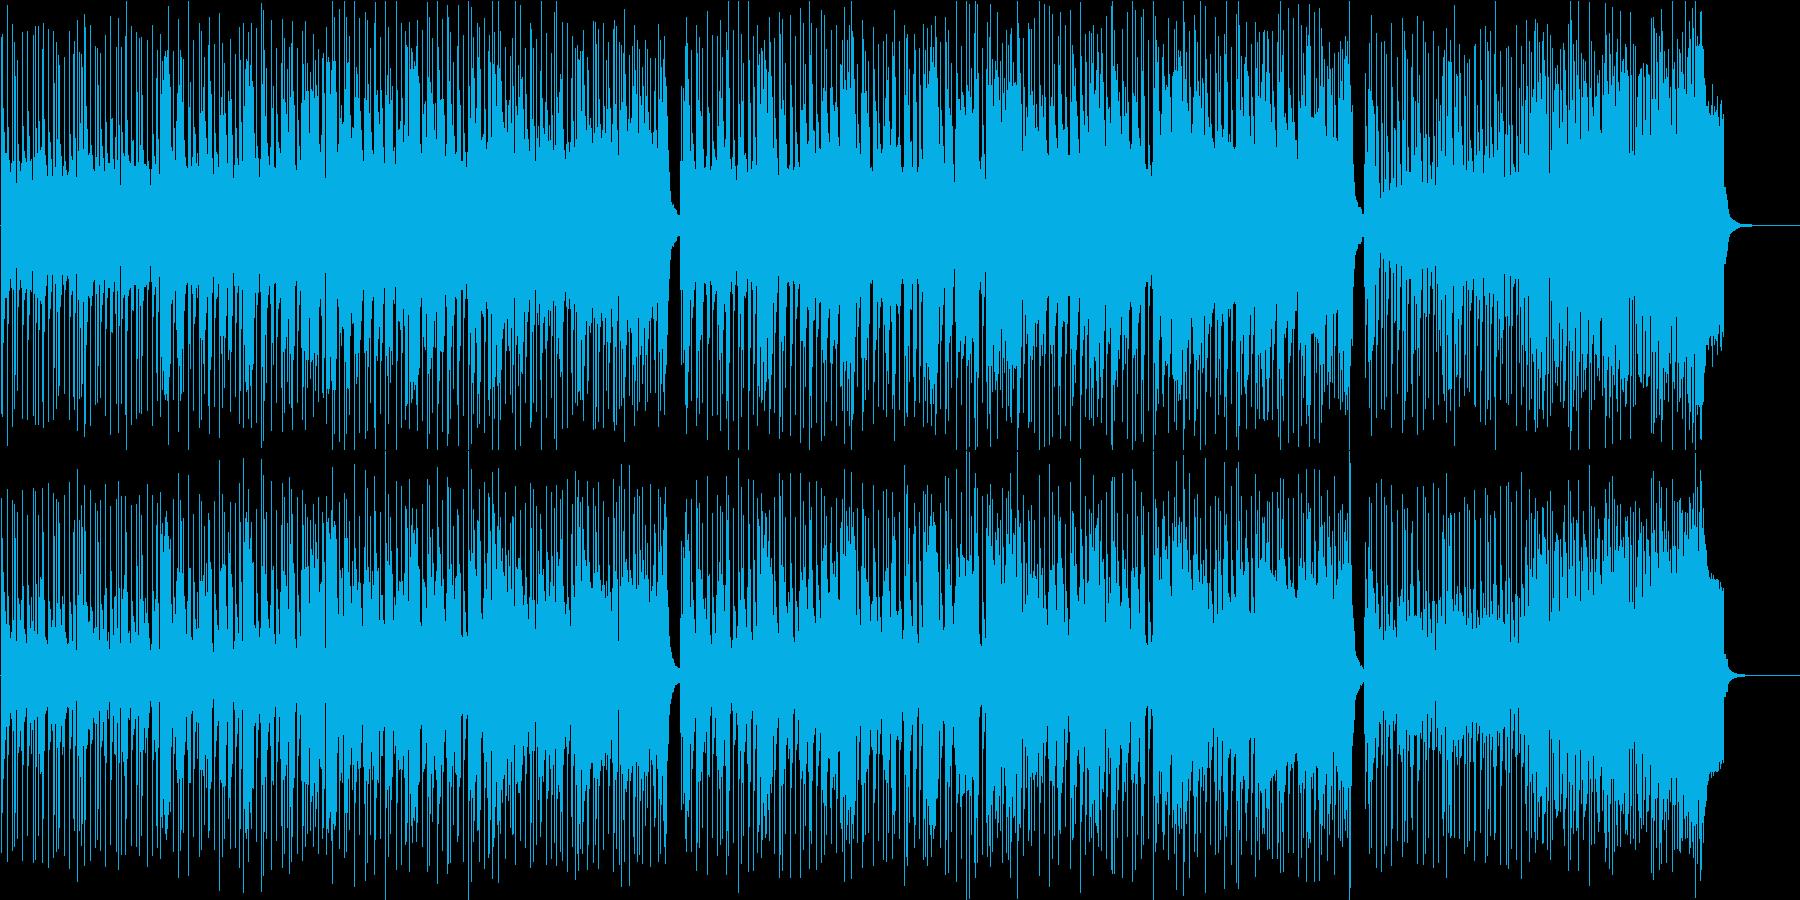 ガムラン 神秘 あやしい ジャングルの再生済みの波形